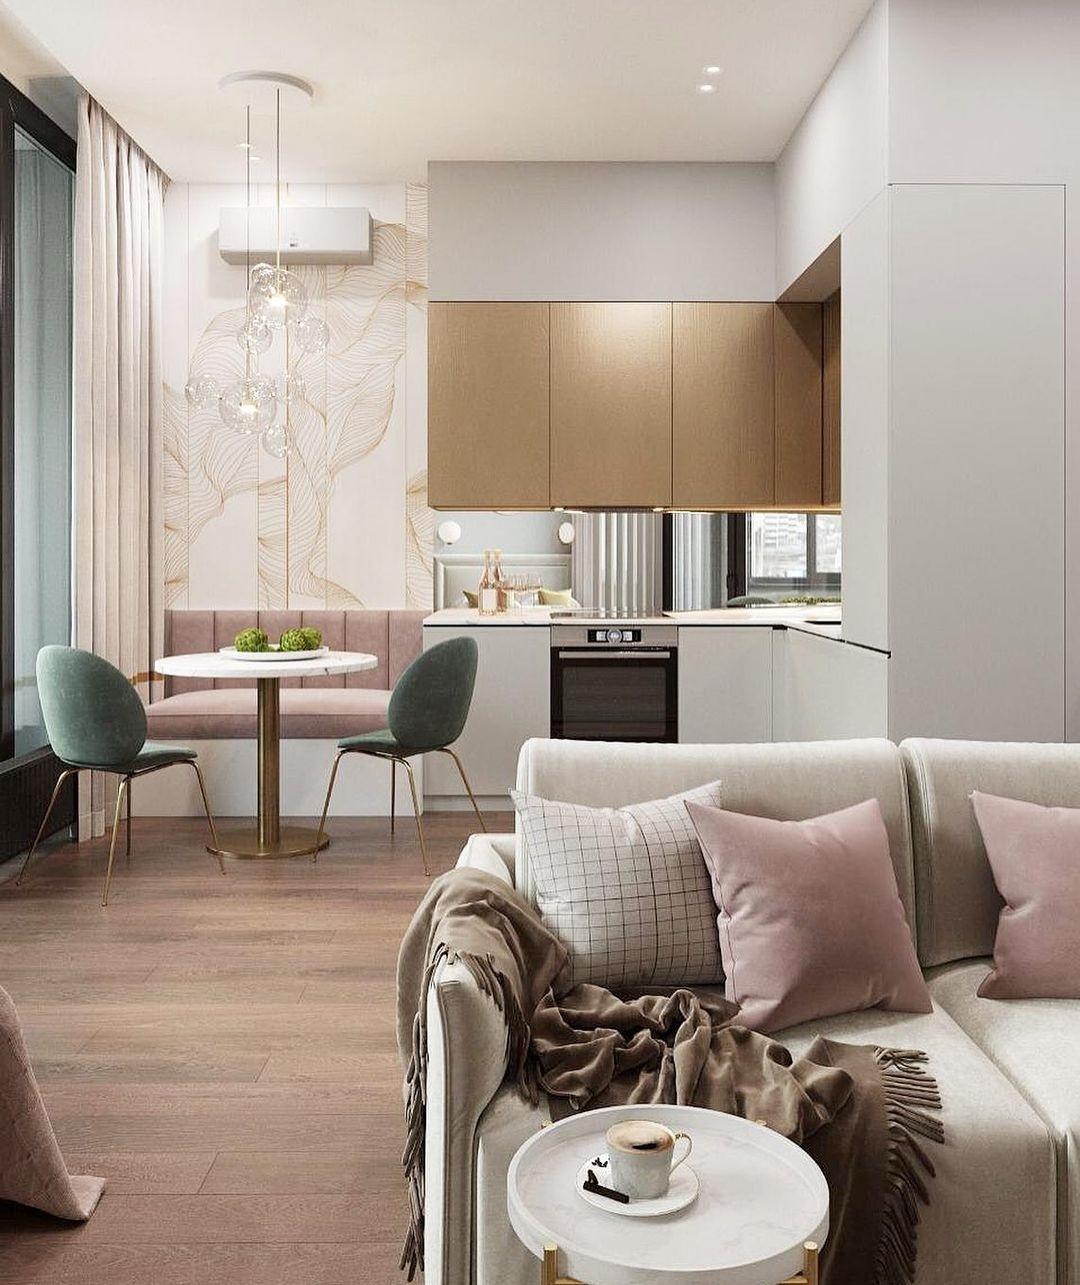 Какой дизайн-проект больше нравится: в теплой (1, кровать у окна) или холодной (2, диван у окна) цветовой гамме?